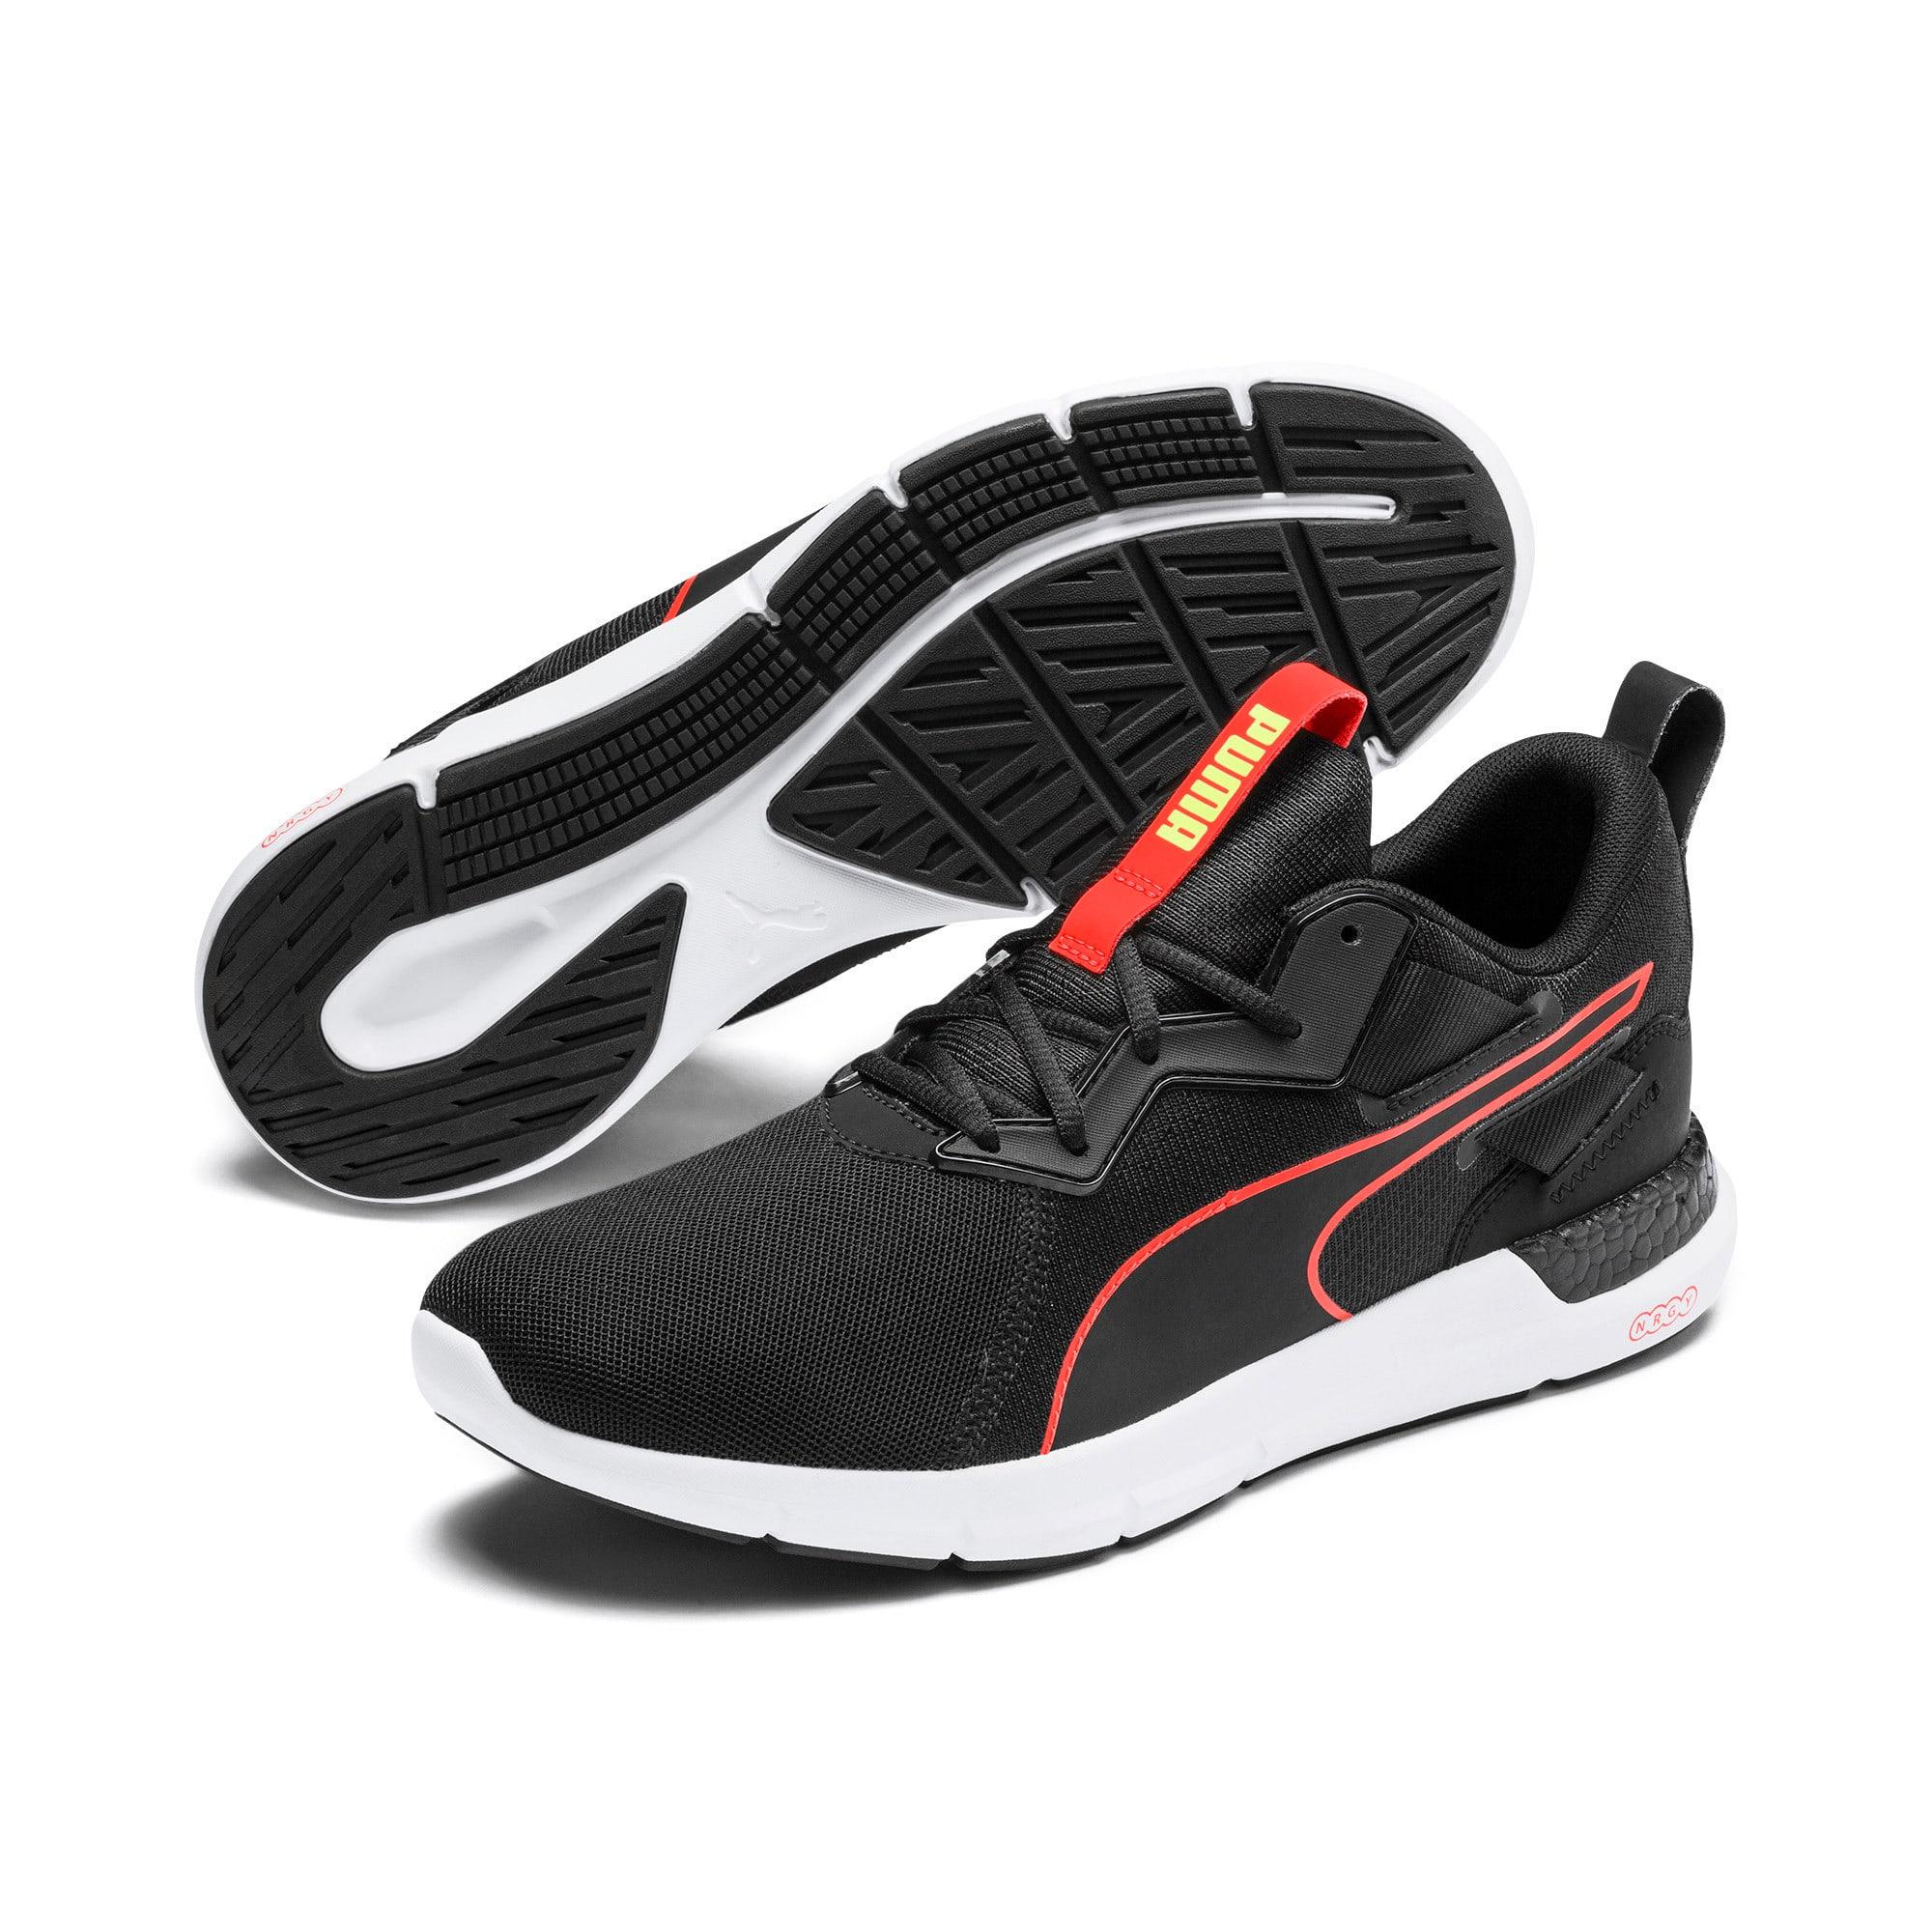 Miniatura 2 de Zapatos para correr NRGY Dynamo Futuro para hombre, Puma Black-Nrgy Red, mediano